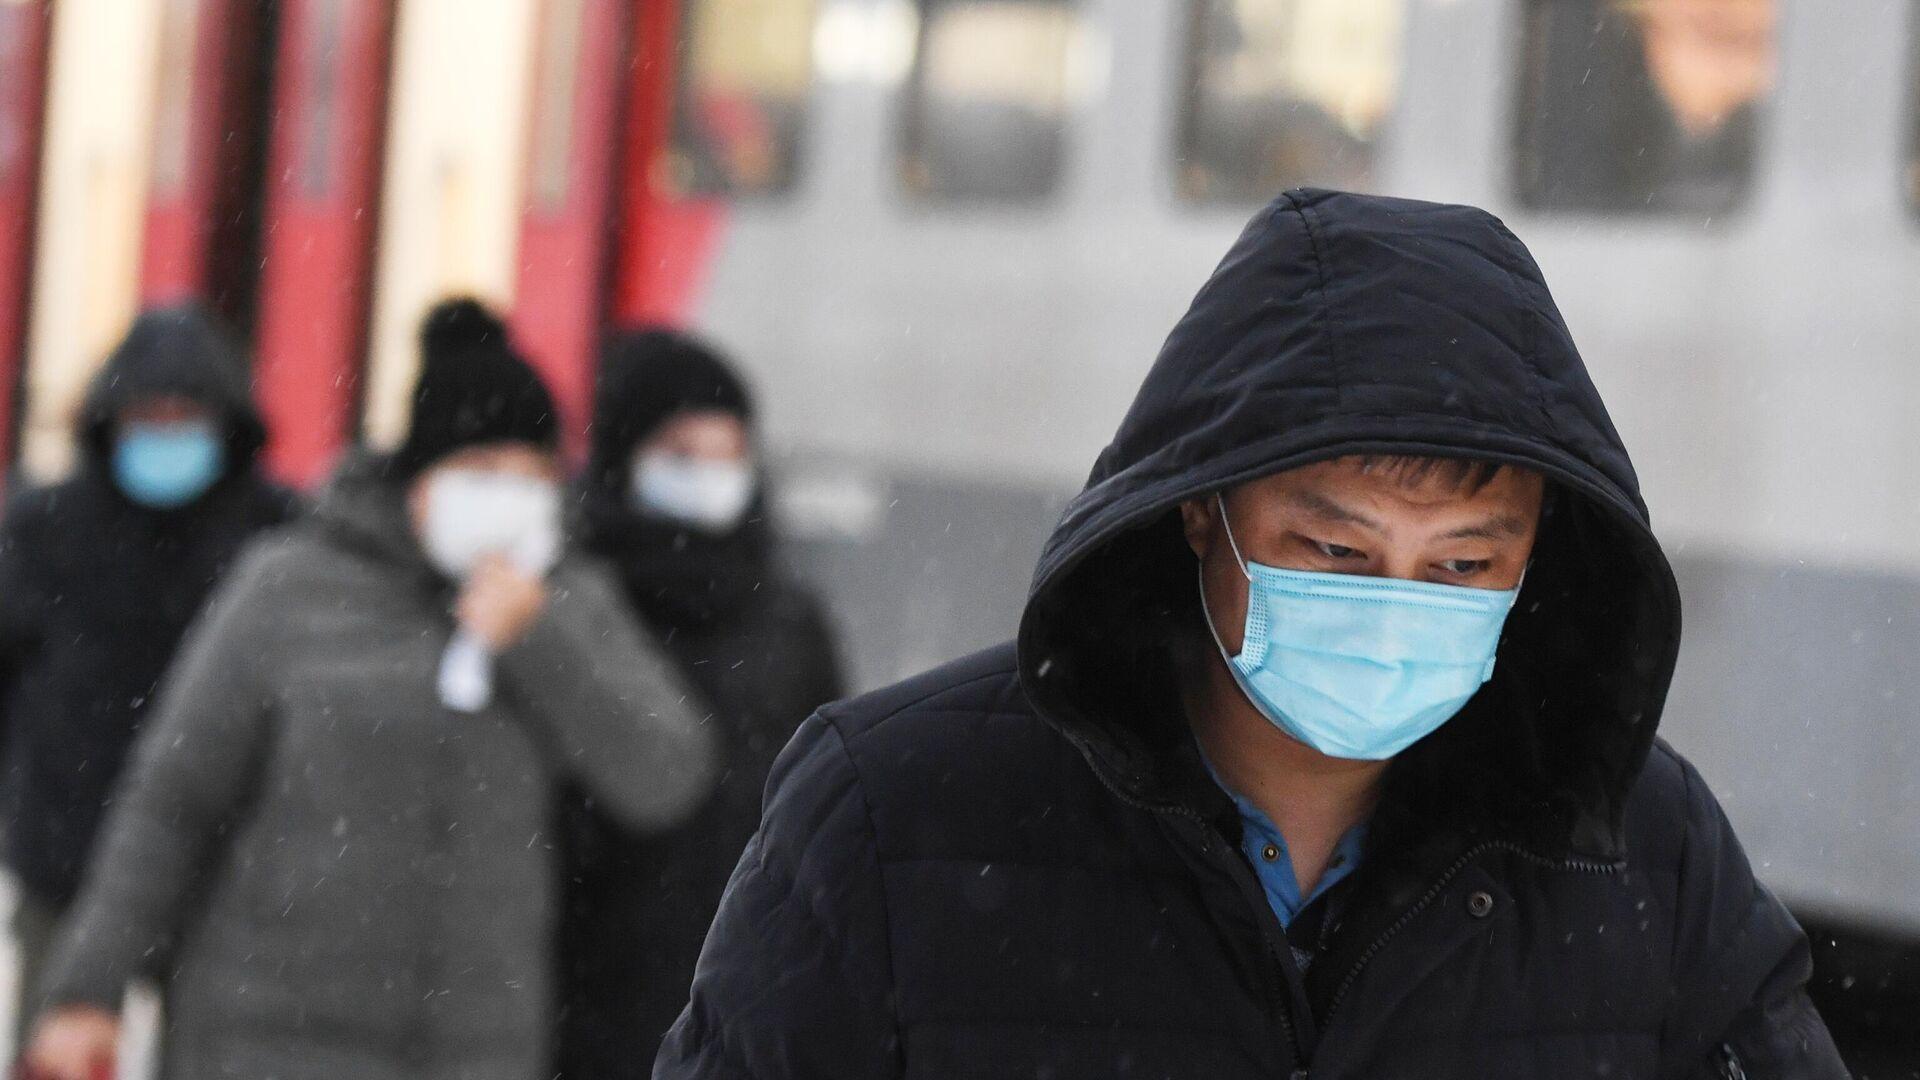 Пассажиры в защитных масках на железнодорожной станции в Новосибирске - РИА Новости, 1920, 01.11.2020